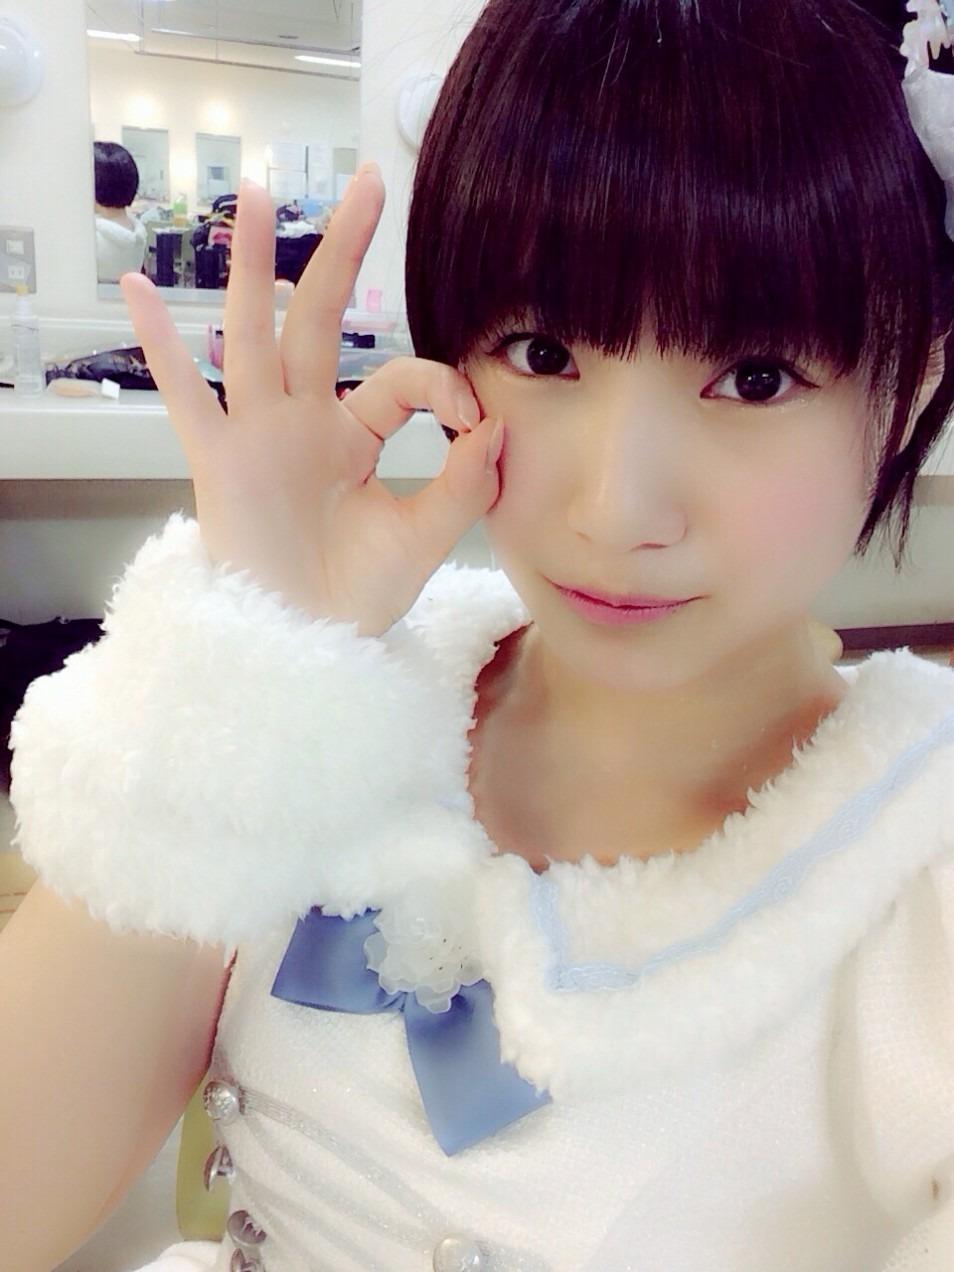 手でサインを作る朝長美桜の画像